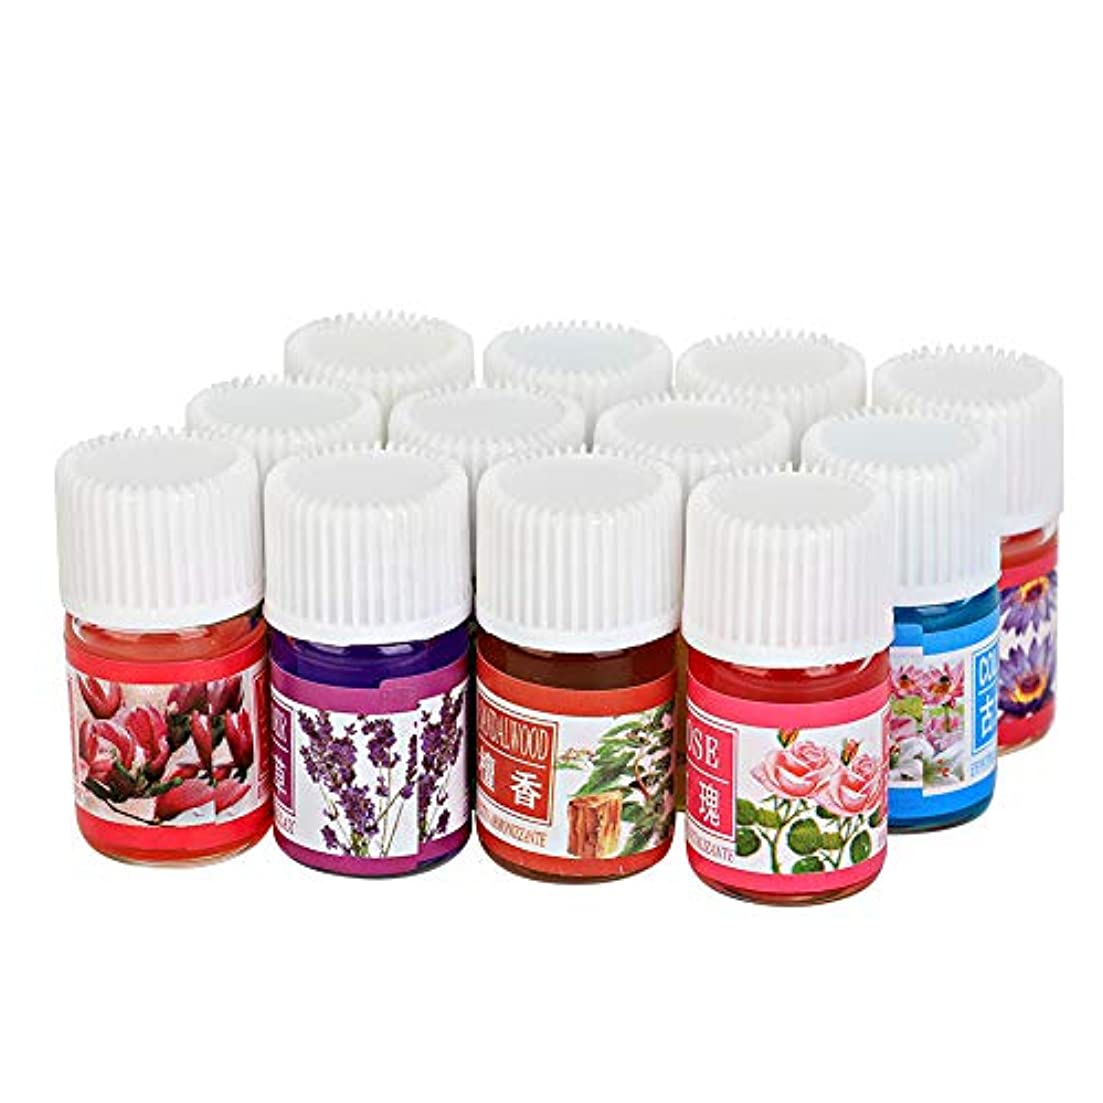 歯破産キルス加湿器 インセント アロマオイル エッセンシャルオイル ブレンド (12種類のフレーバー 各3ml) 精油 ブレンドオイル  植物エッセンシャルオイル 人気12本セット